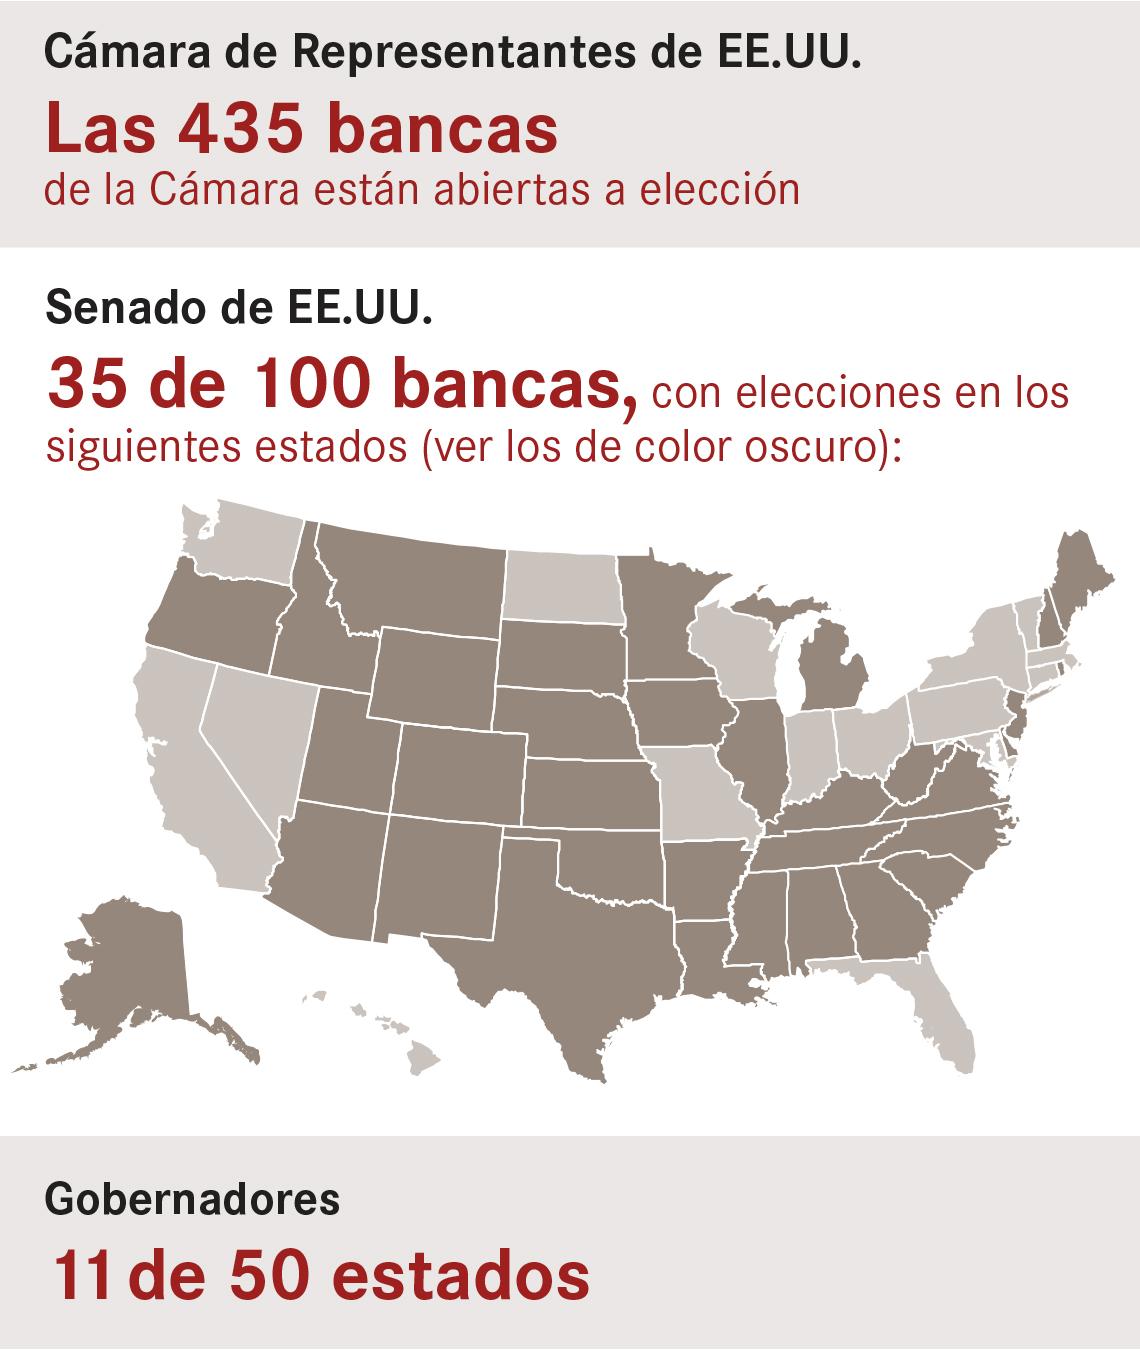 Mapa de Estados Unidos muestra el número de bancas que se elegirán en el Senado, Cámara y gobernaciones